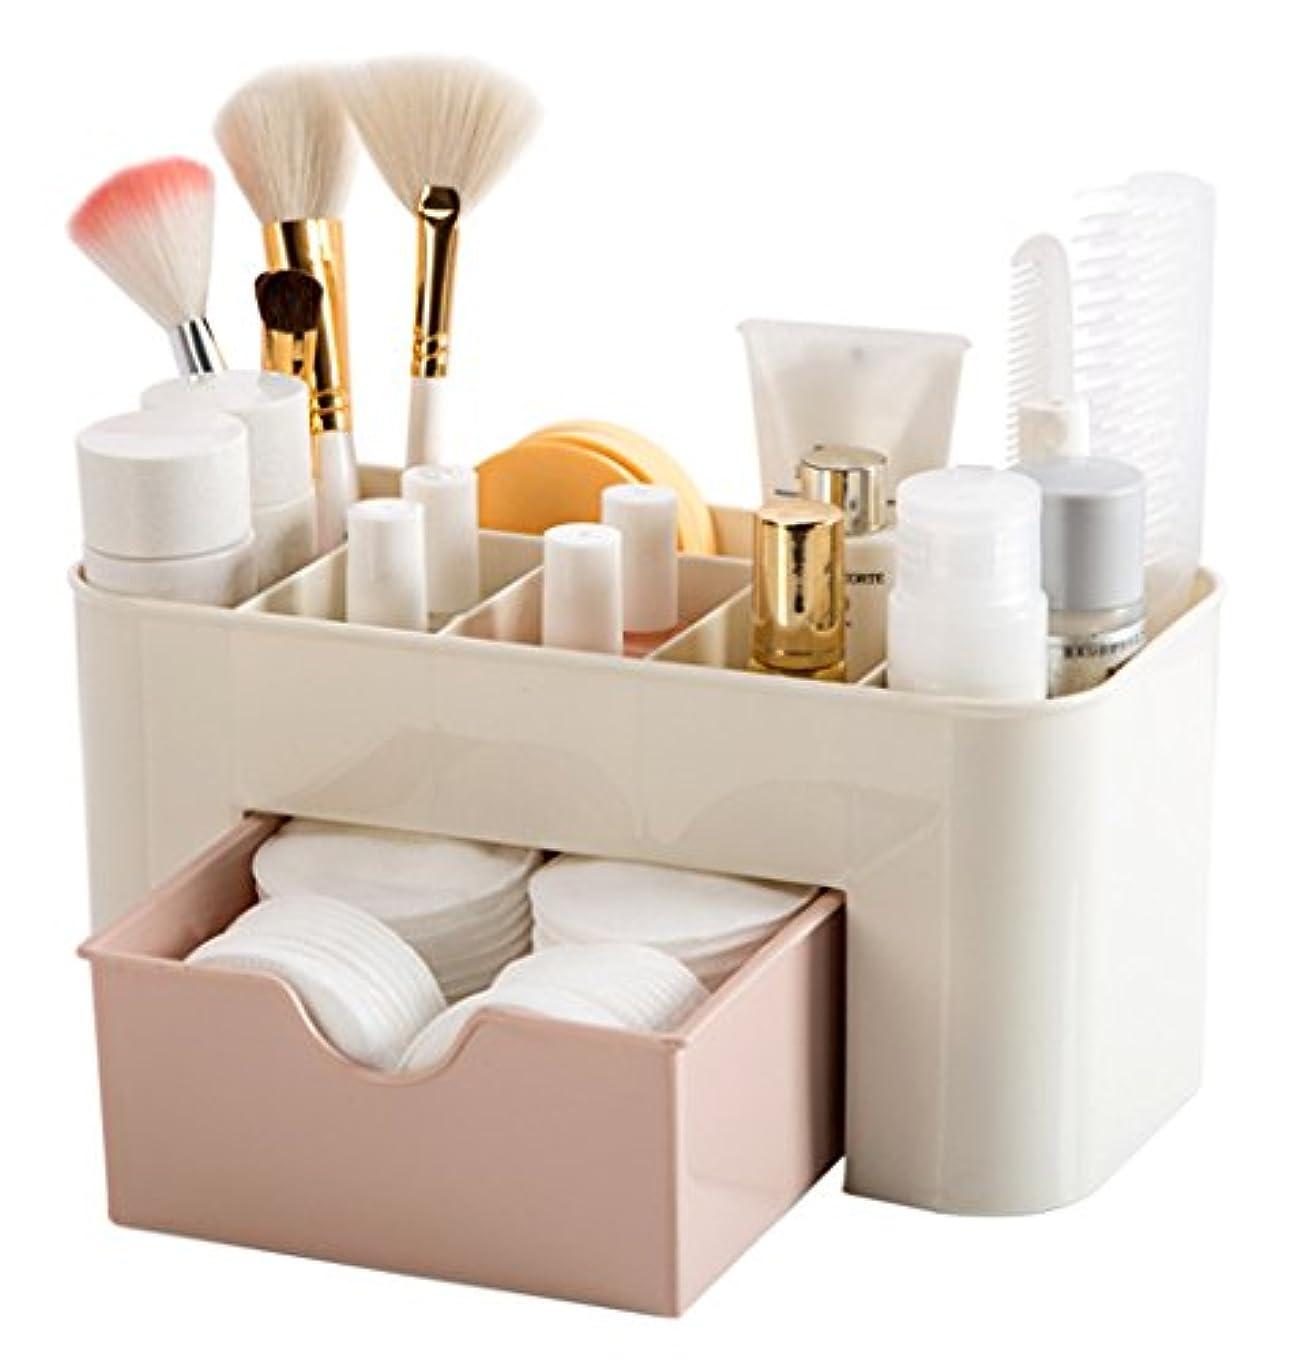 フレット妊娠したセットするZUOMA メークボックス 化粧品収納ボックス コスメスタンド 引き出し式 メークケース 小物/化粧品入れ コスメ収納 透明アクリル 大容量 (ピンク、22*10*10.3CM)